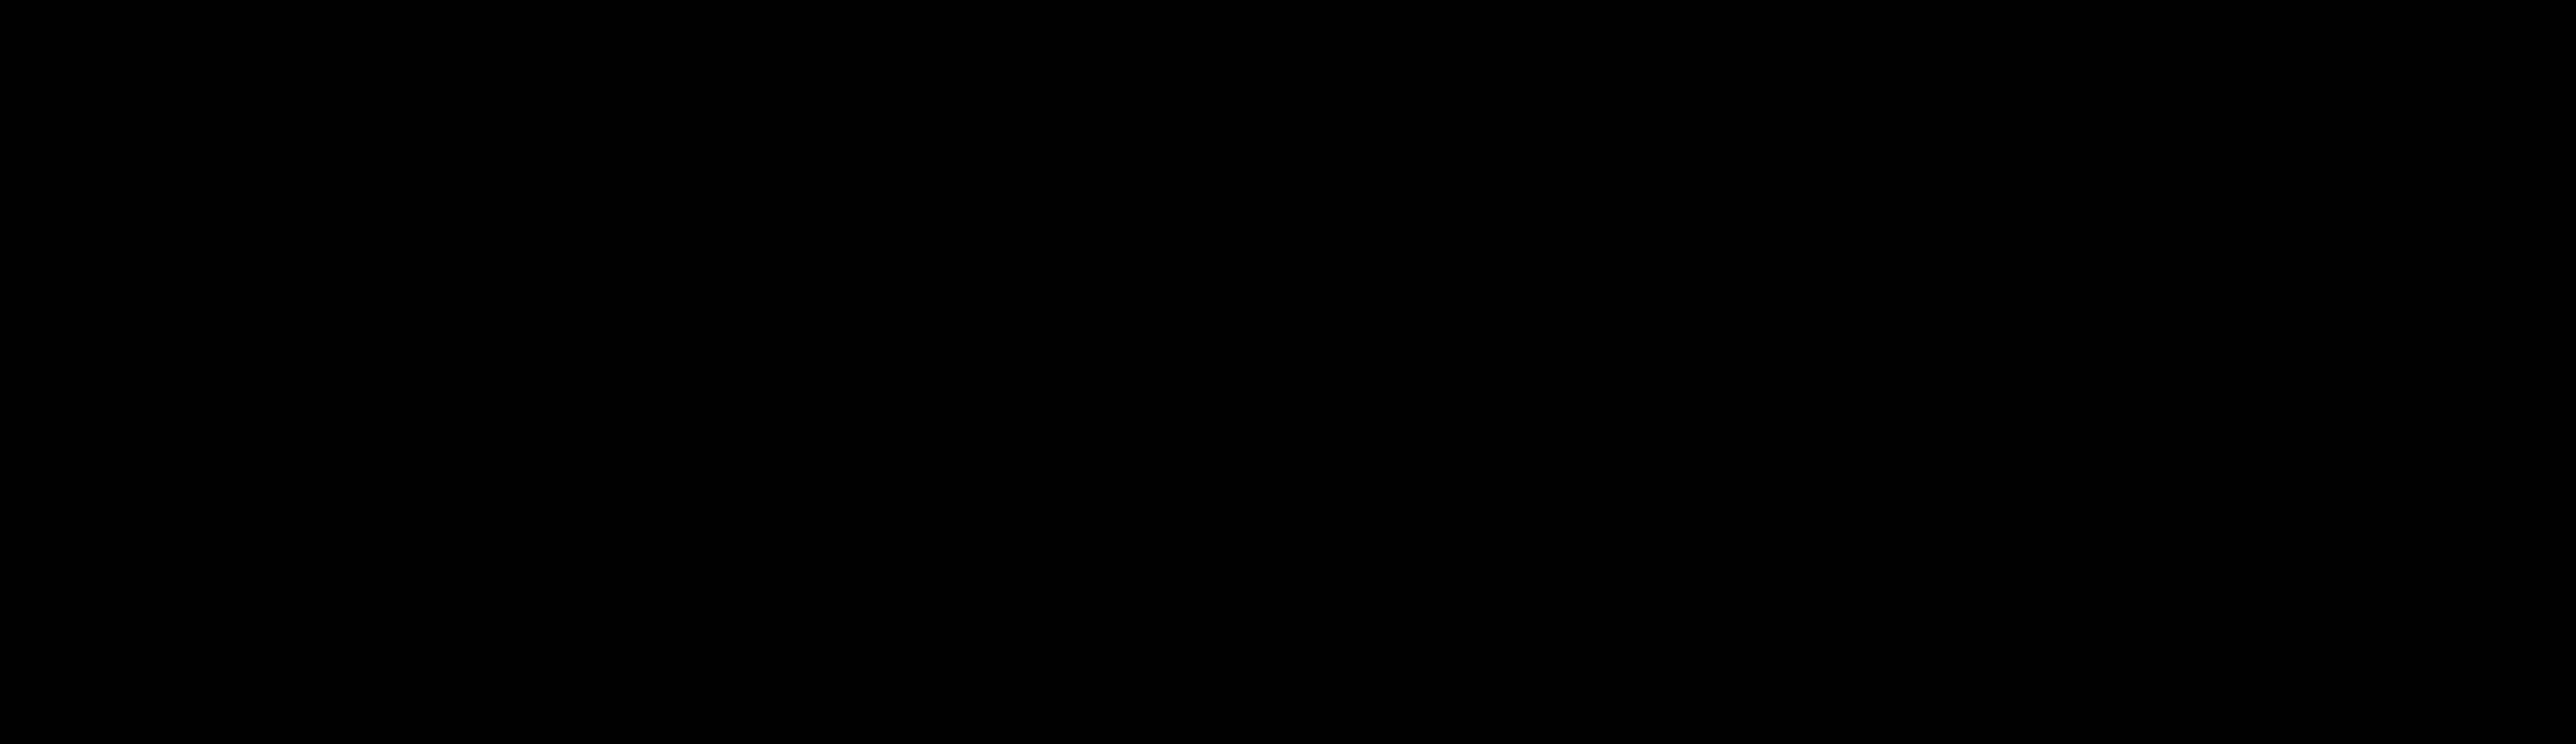 Avicatonin